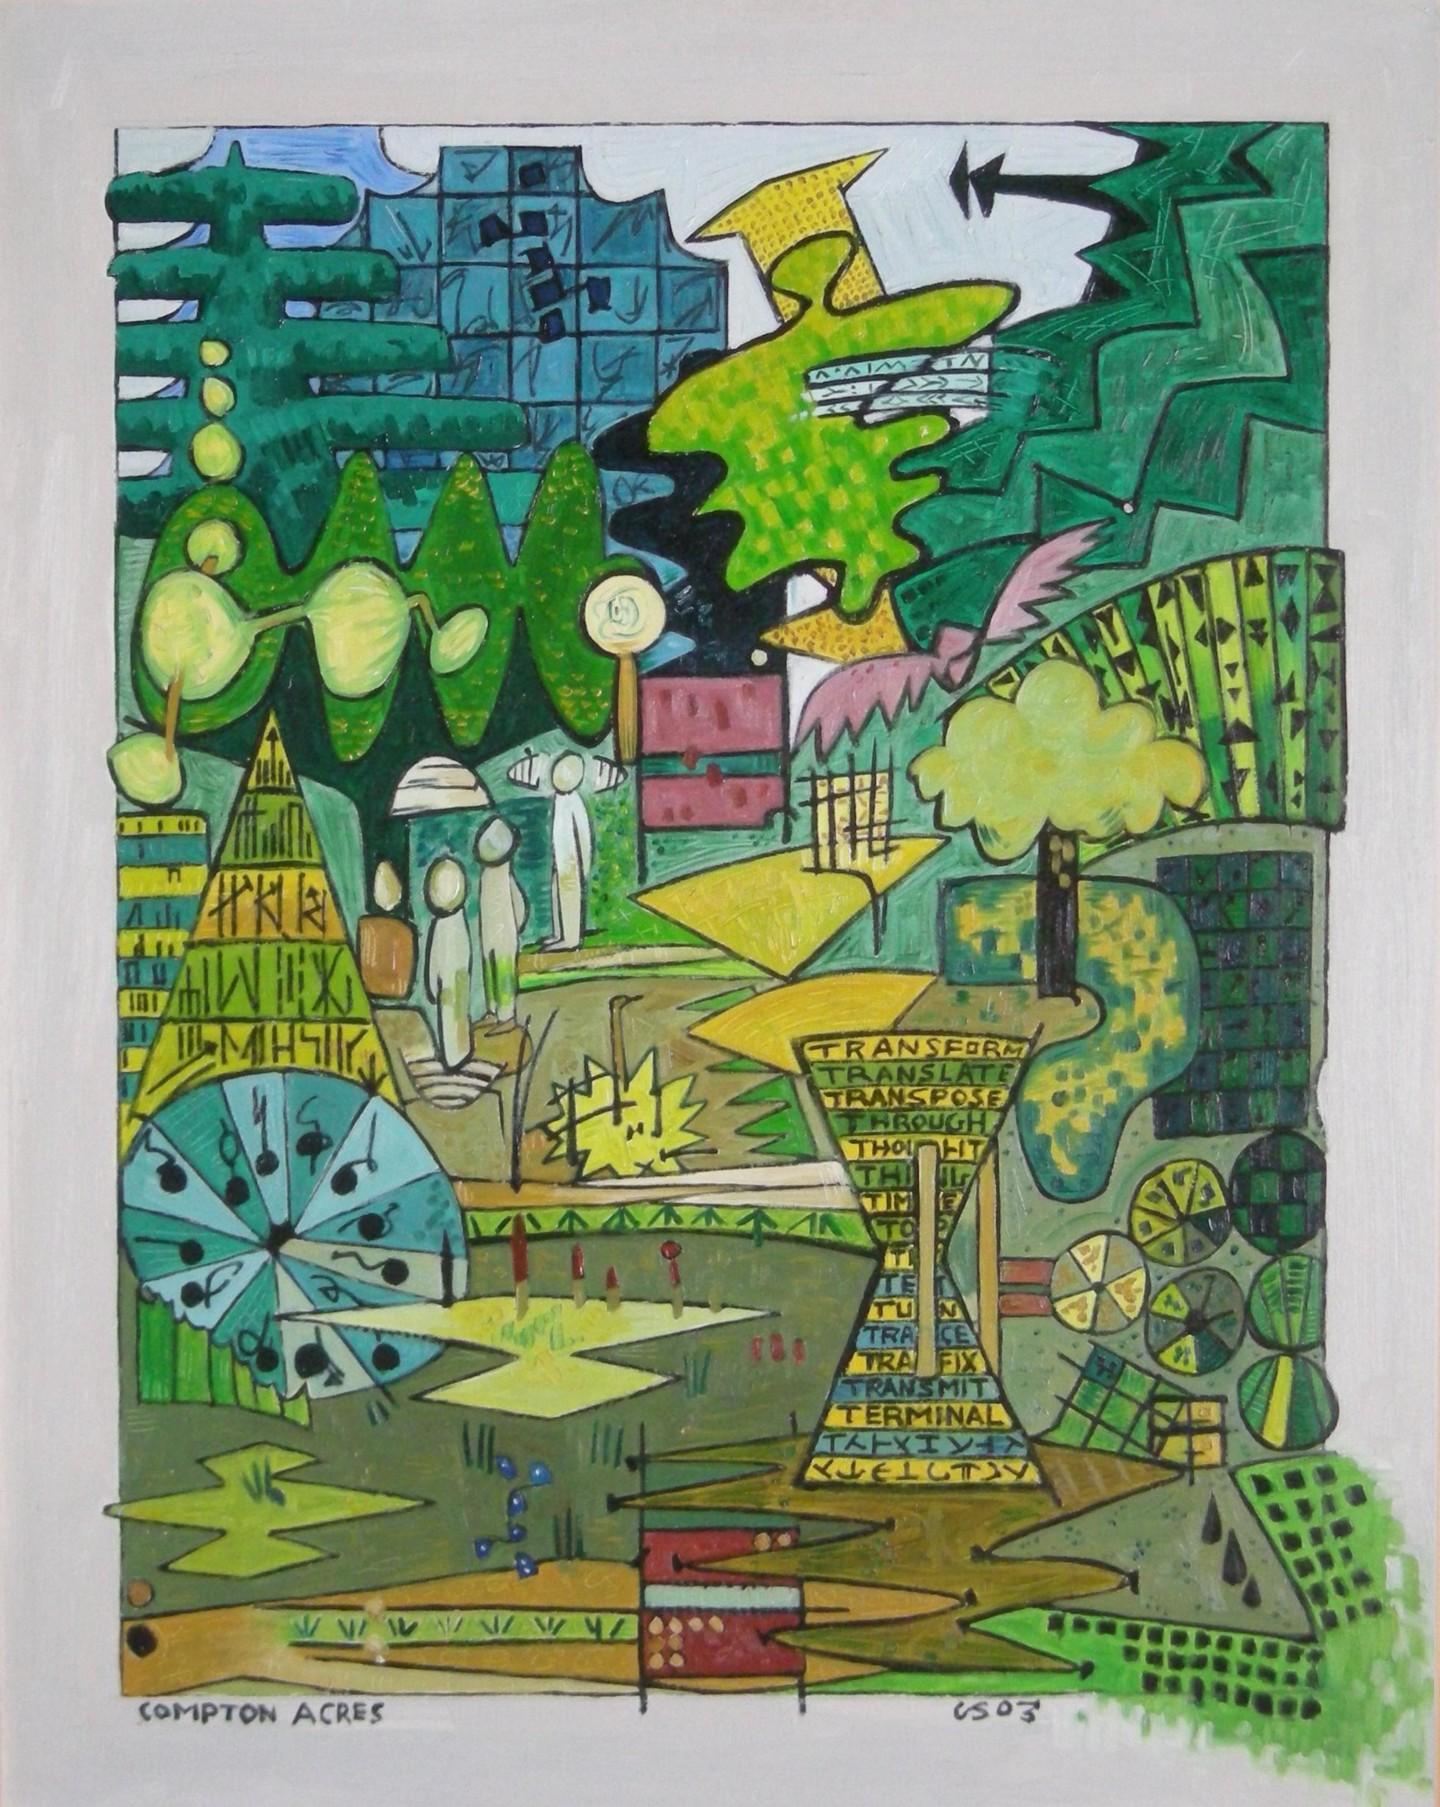 Gerald Shepherd - Compton Acres